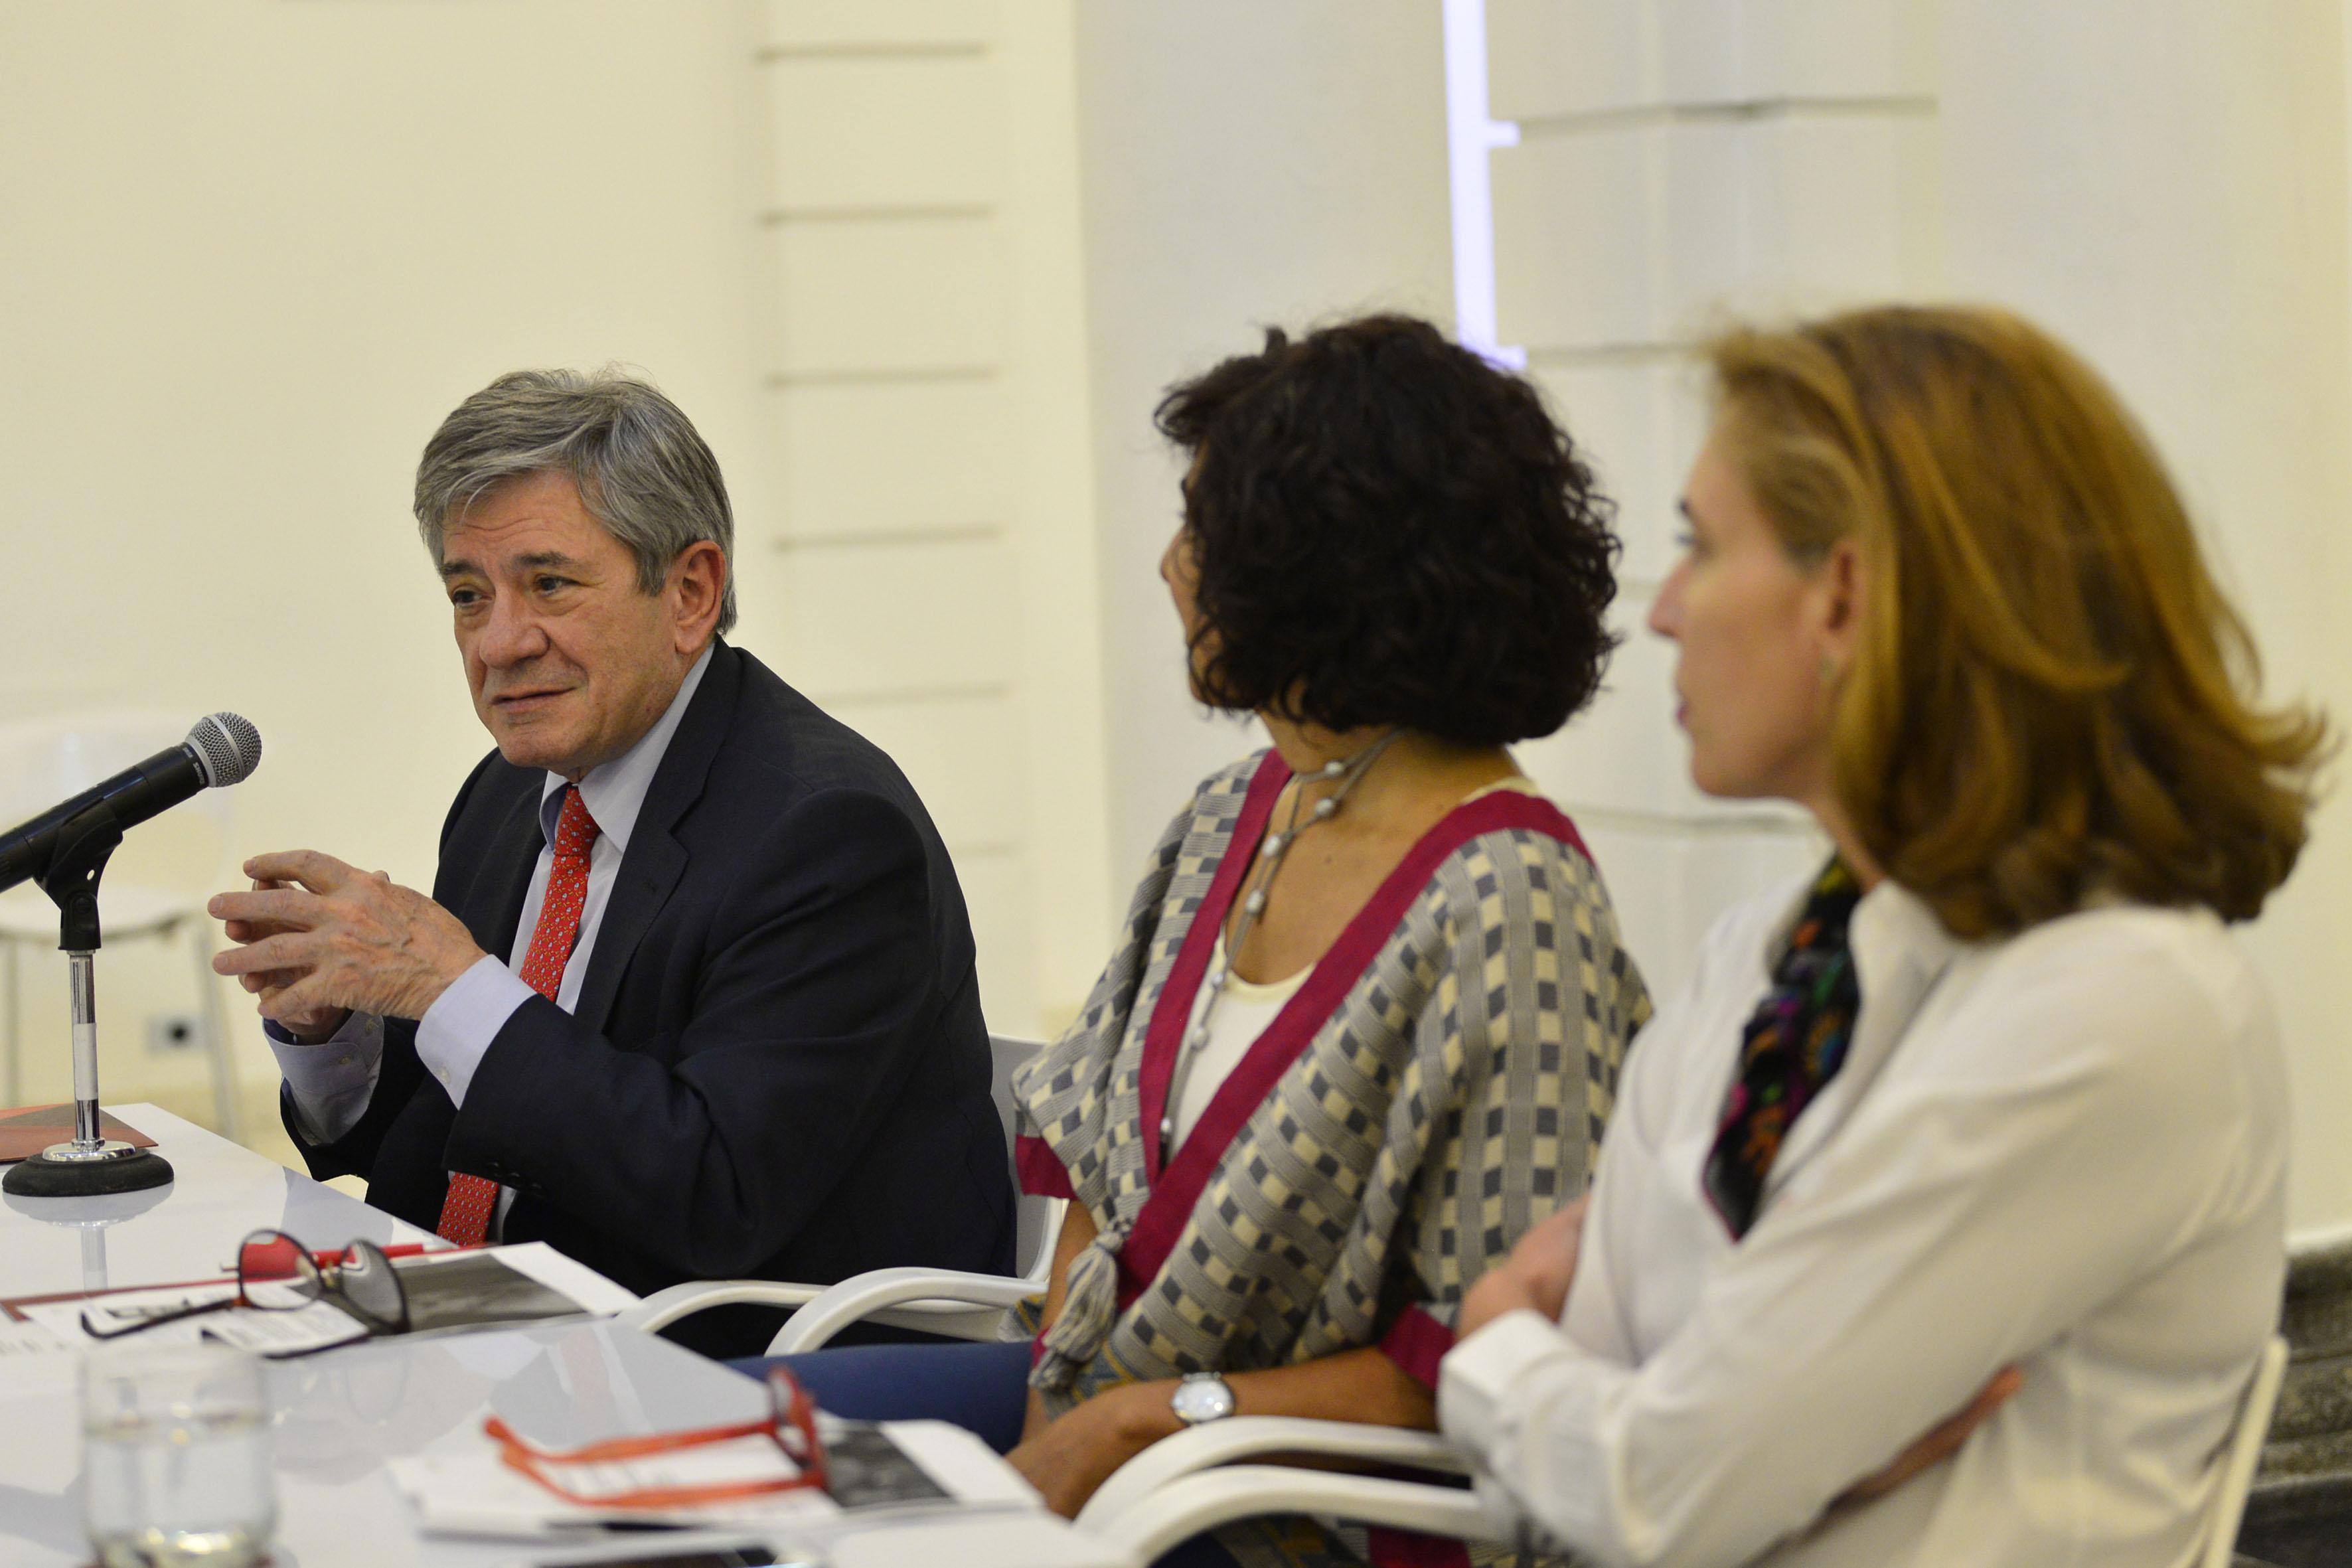 Viudo de la pintora, Enrique Barón Crespo, haciendo uso de la palabra, en conferencia de prensa.